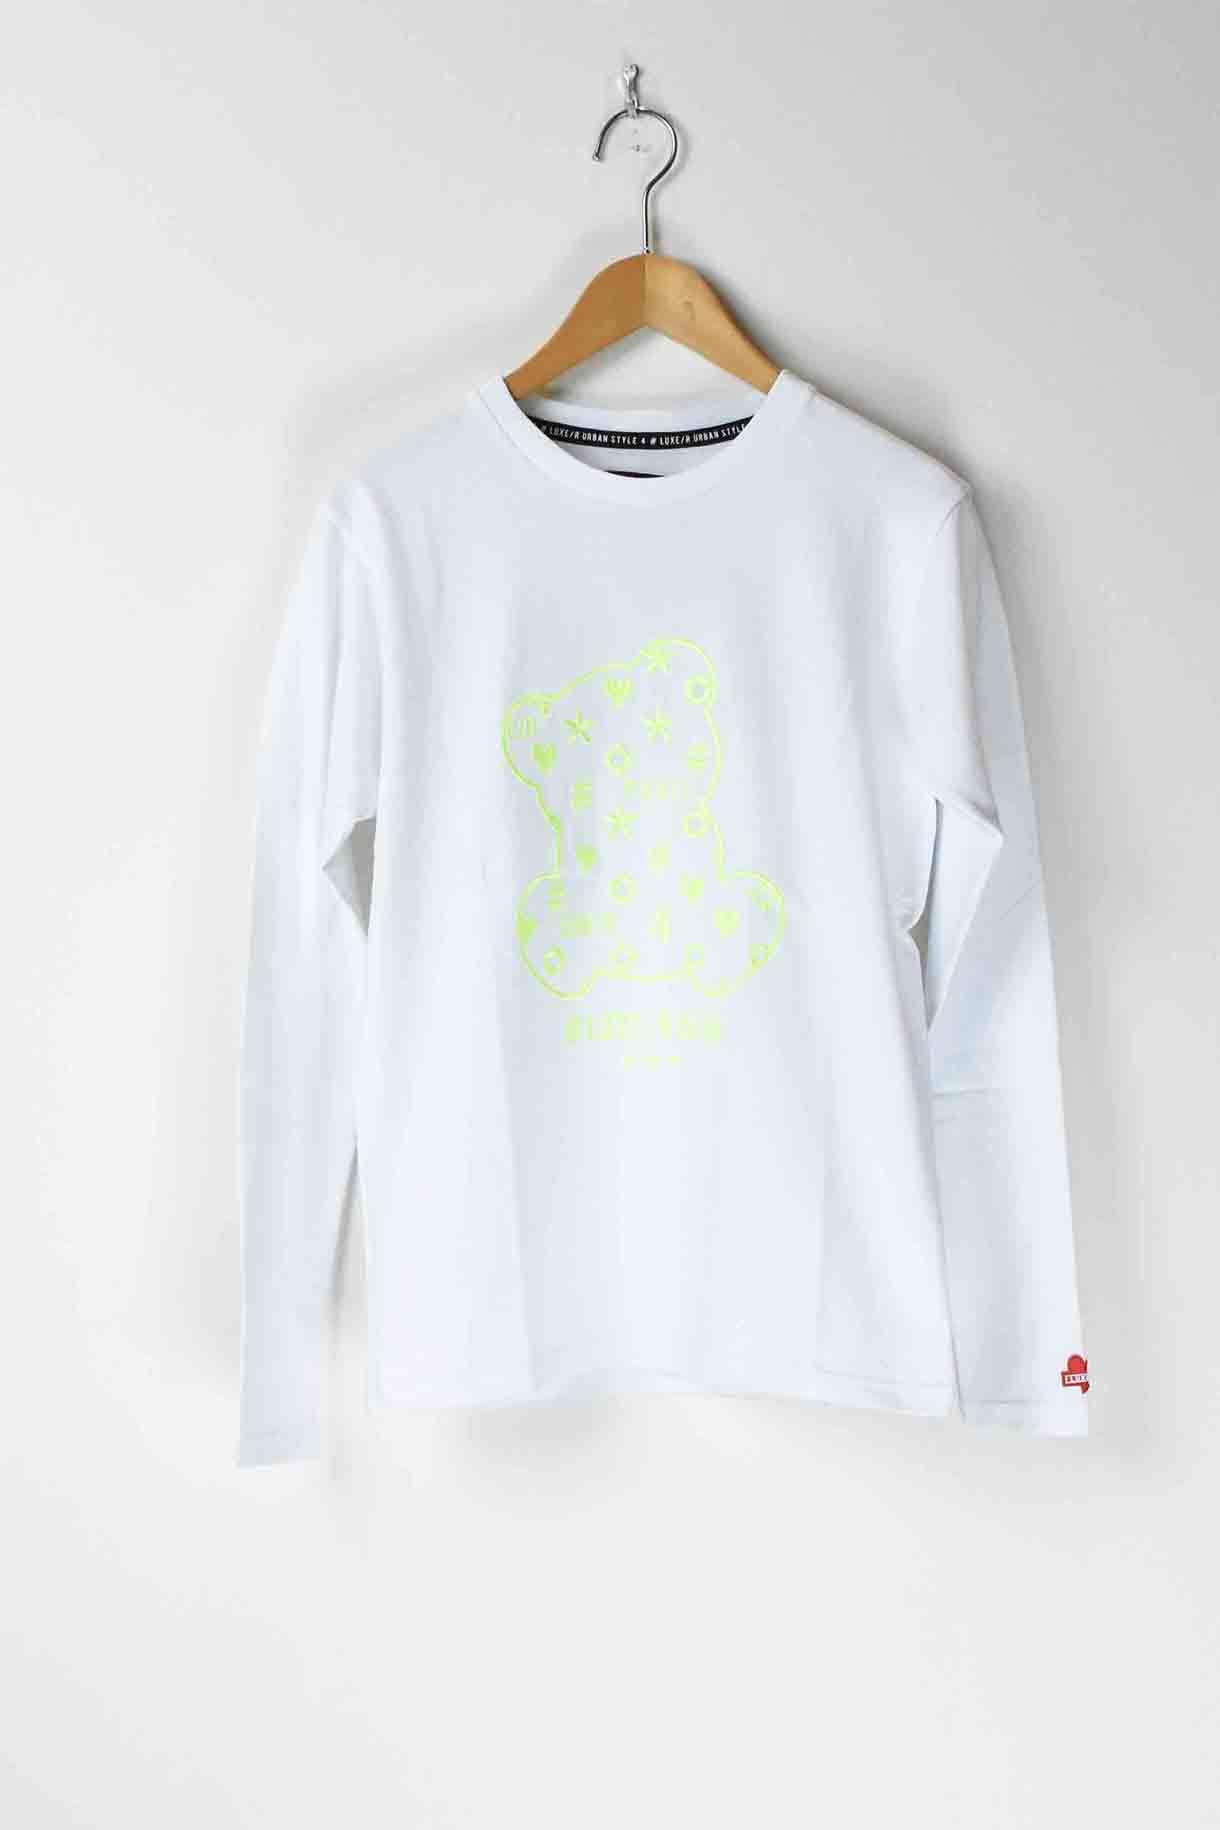 【LUXE/R】長袖Tシャツ  *ユニセックス商品